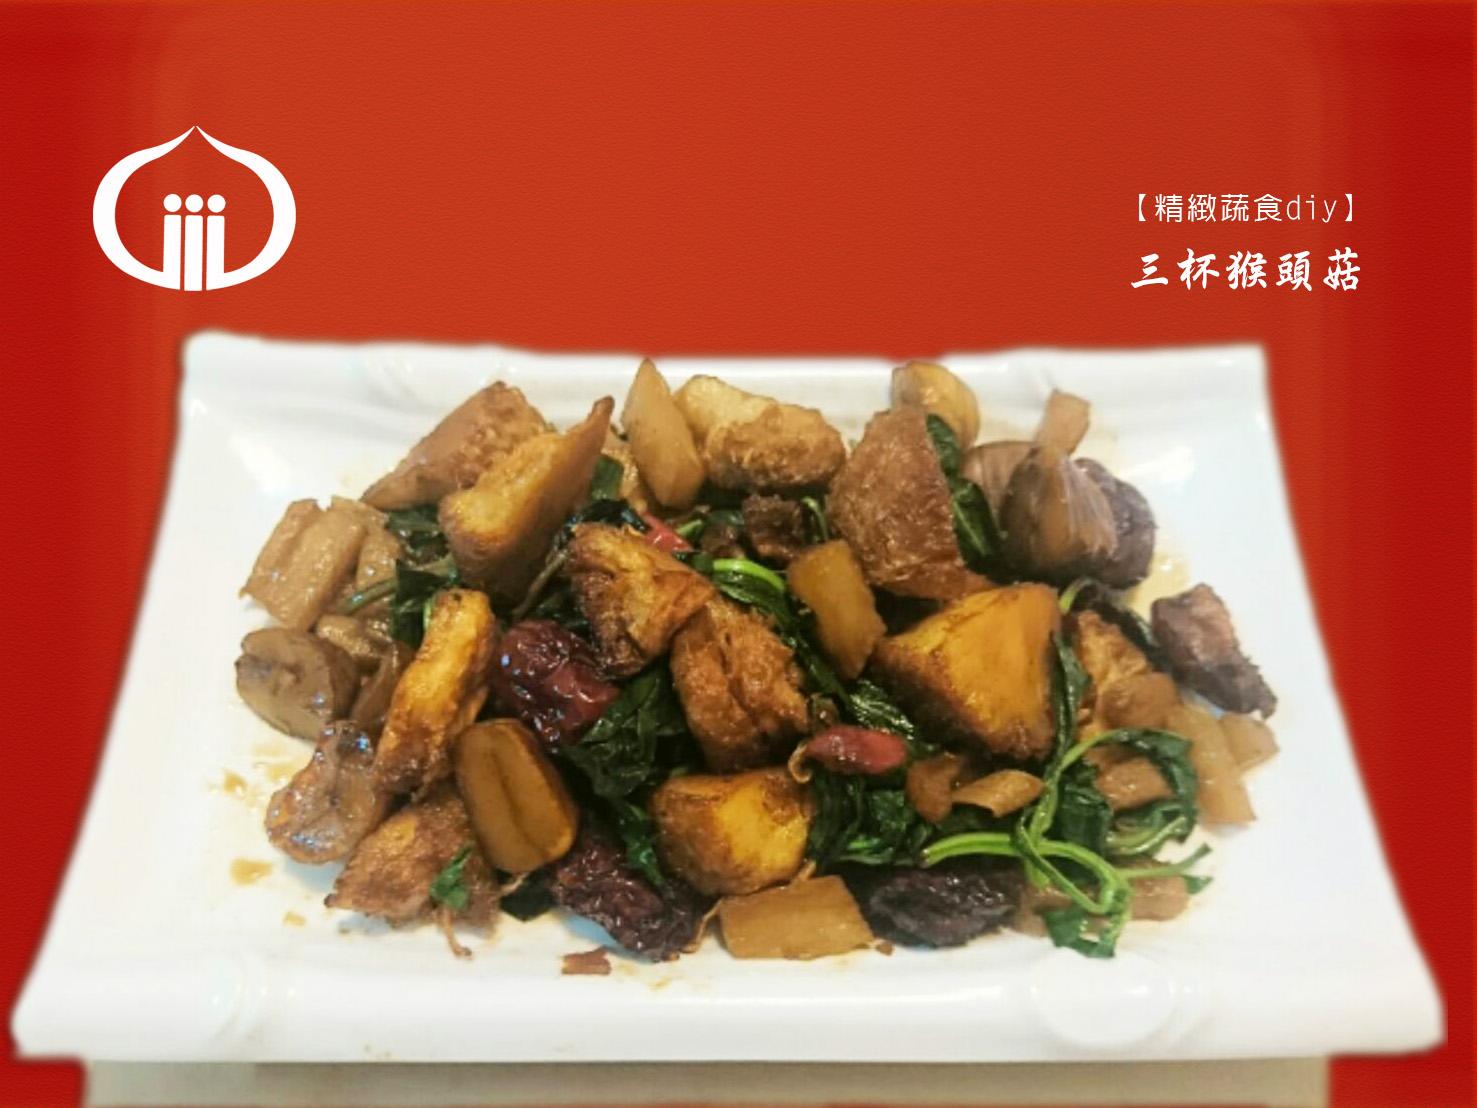 【精緻蔬食diy】 三杯猴頭菇